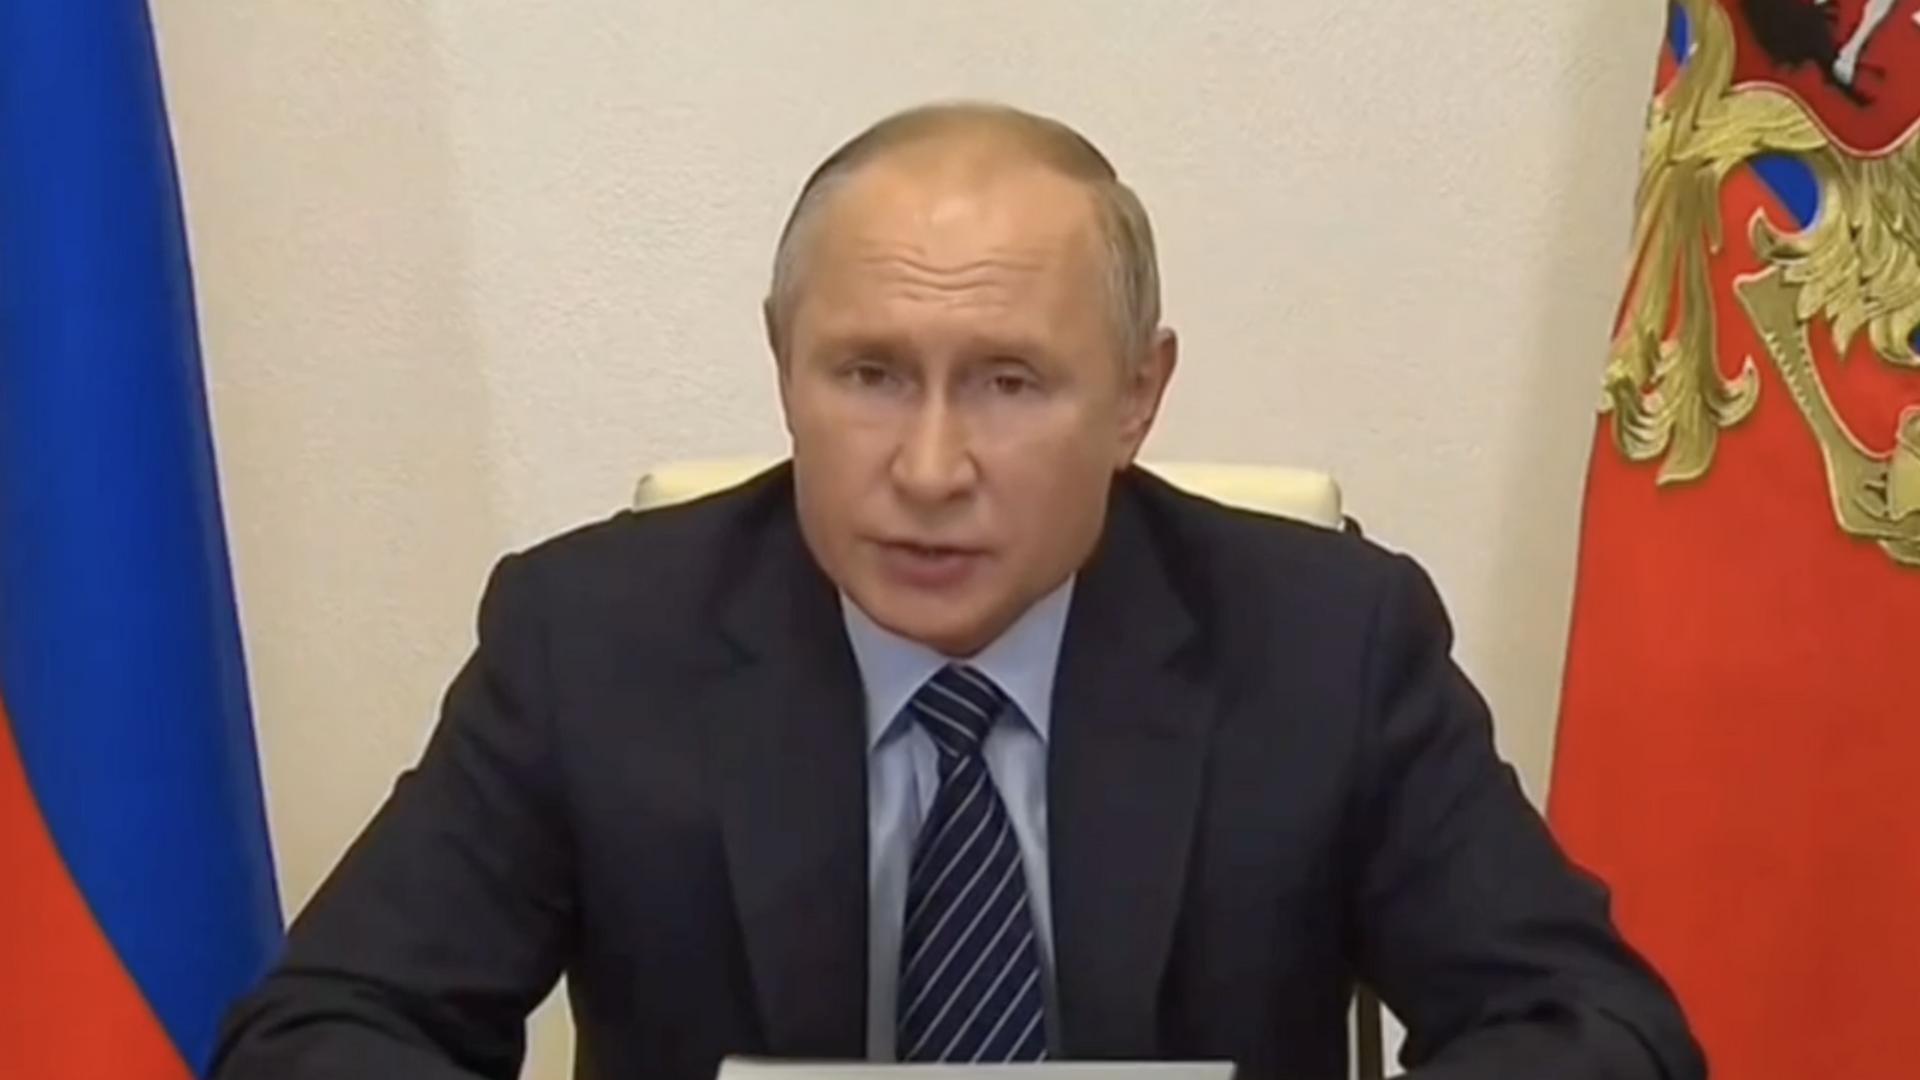 Путин: Тотальных ограничений не планируется - РИА Новости, 1920, 28.10.2020